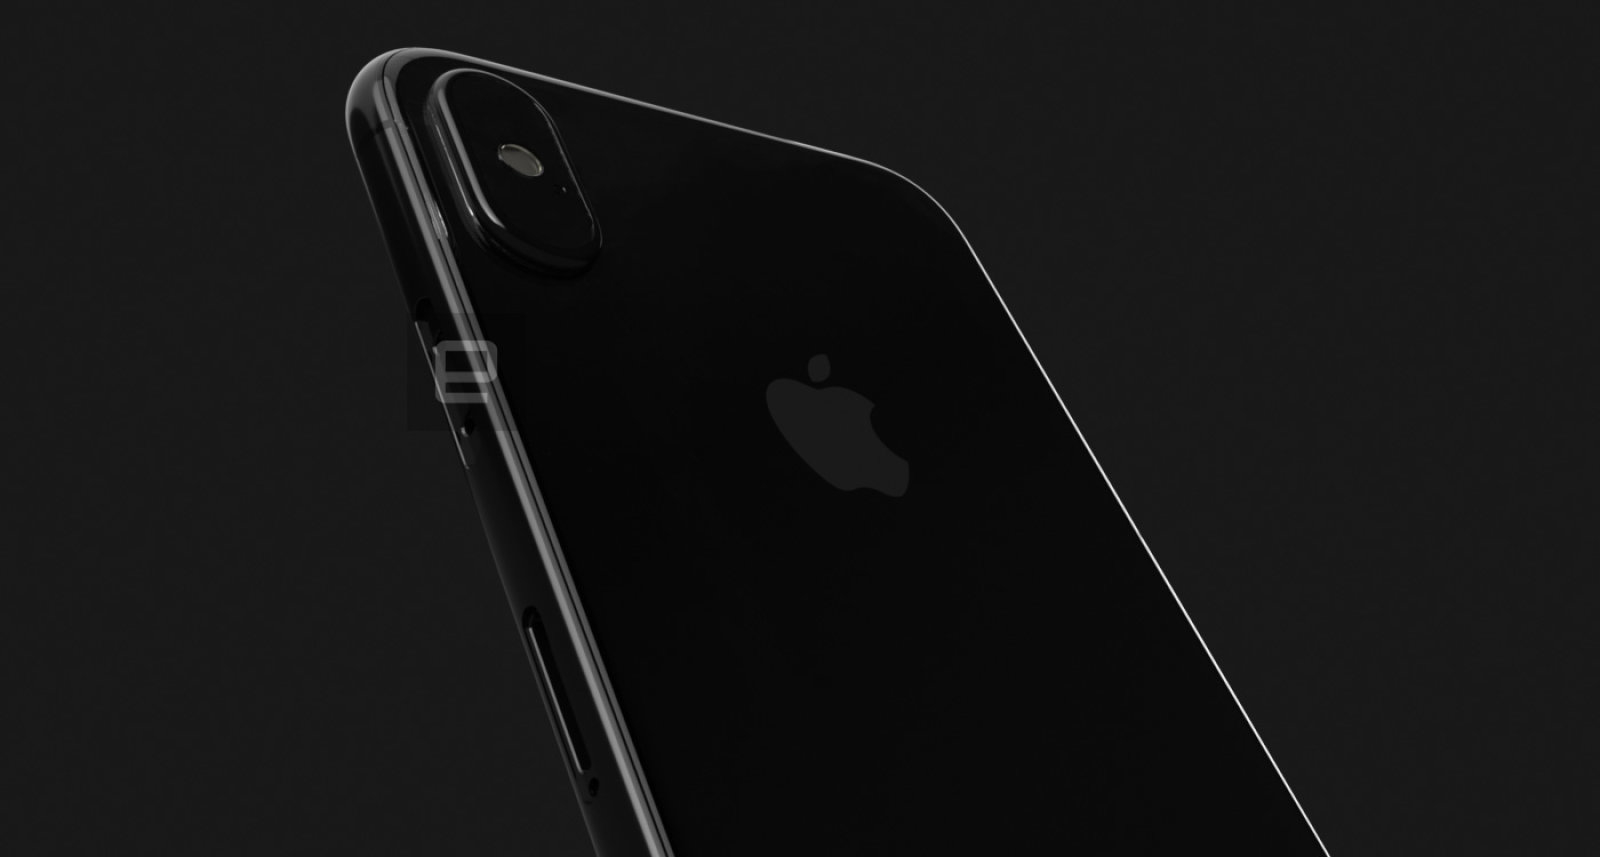 Nuevas pistas sobre el iPhone 8 revelan un botón home virtual